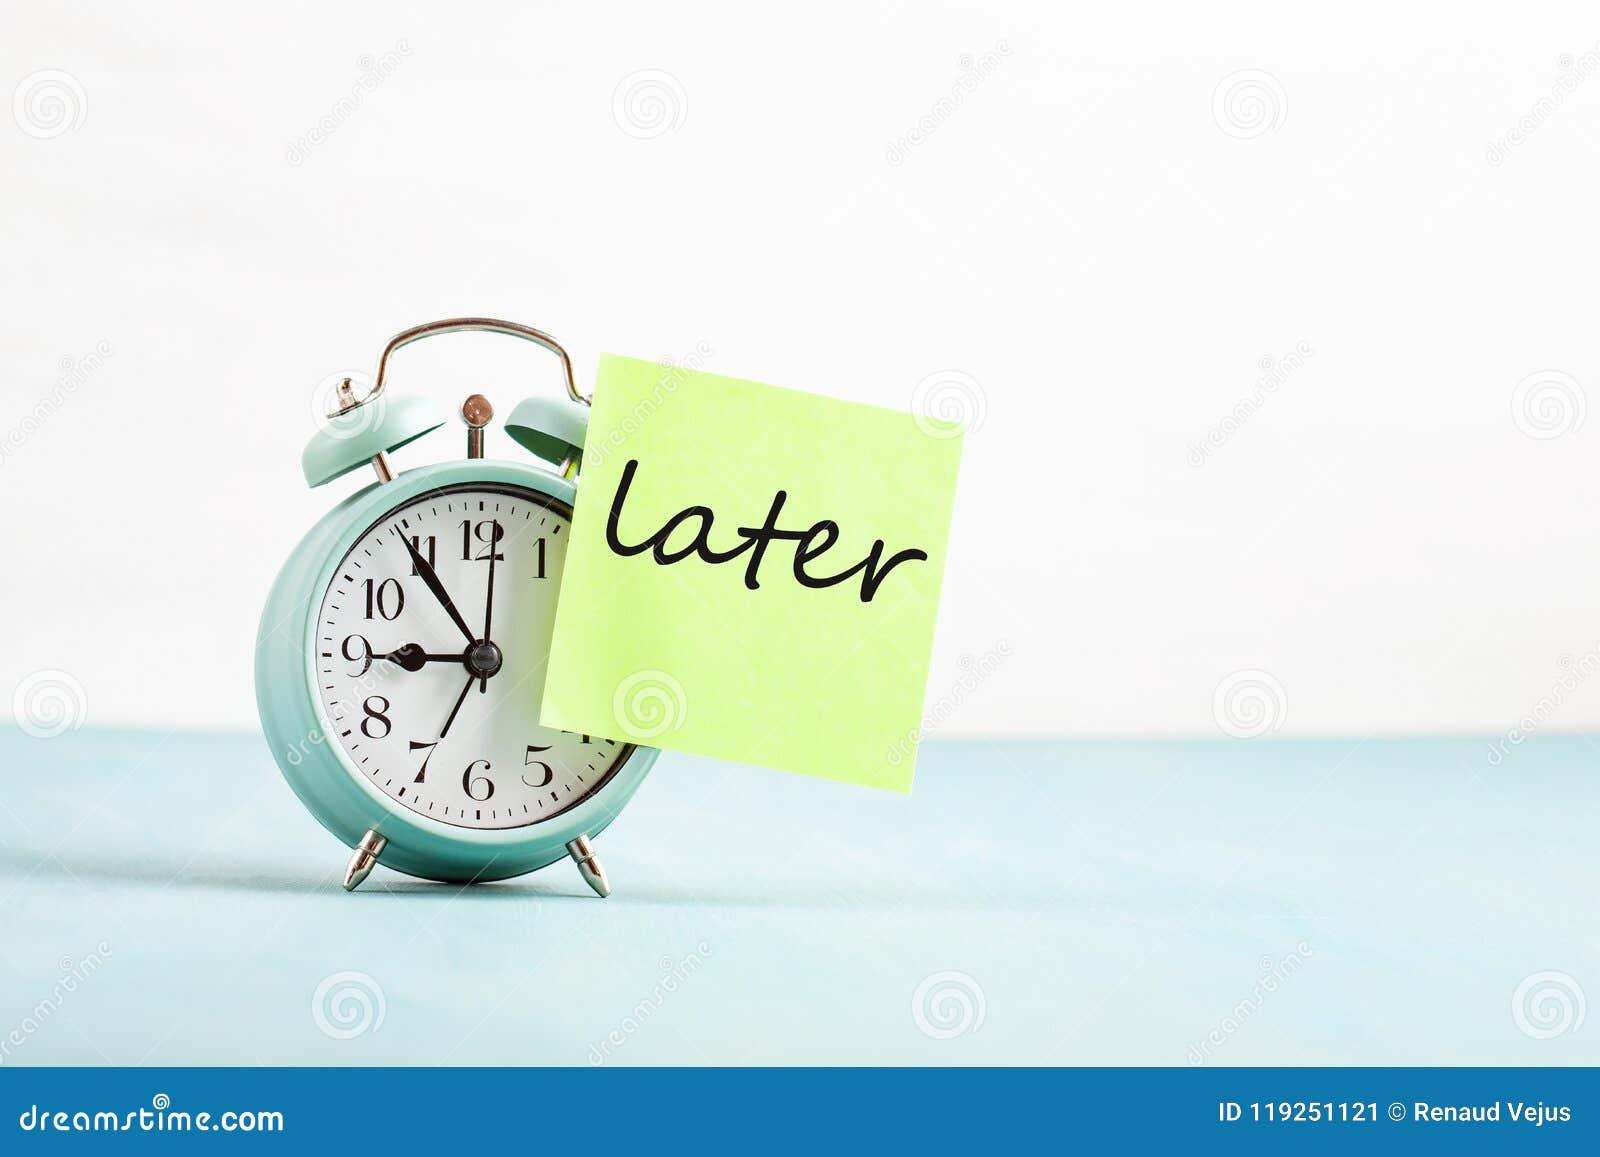 Dilación, concepto del retraso Gestión de mal momento Palabra sticked más adelante al despertador